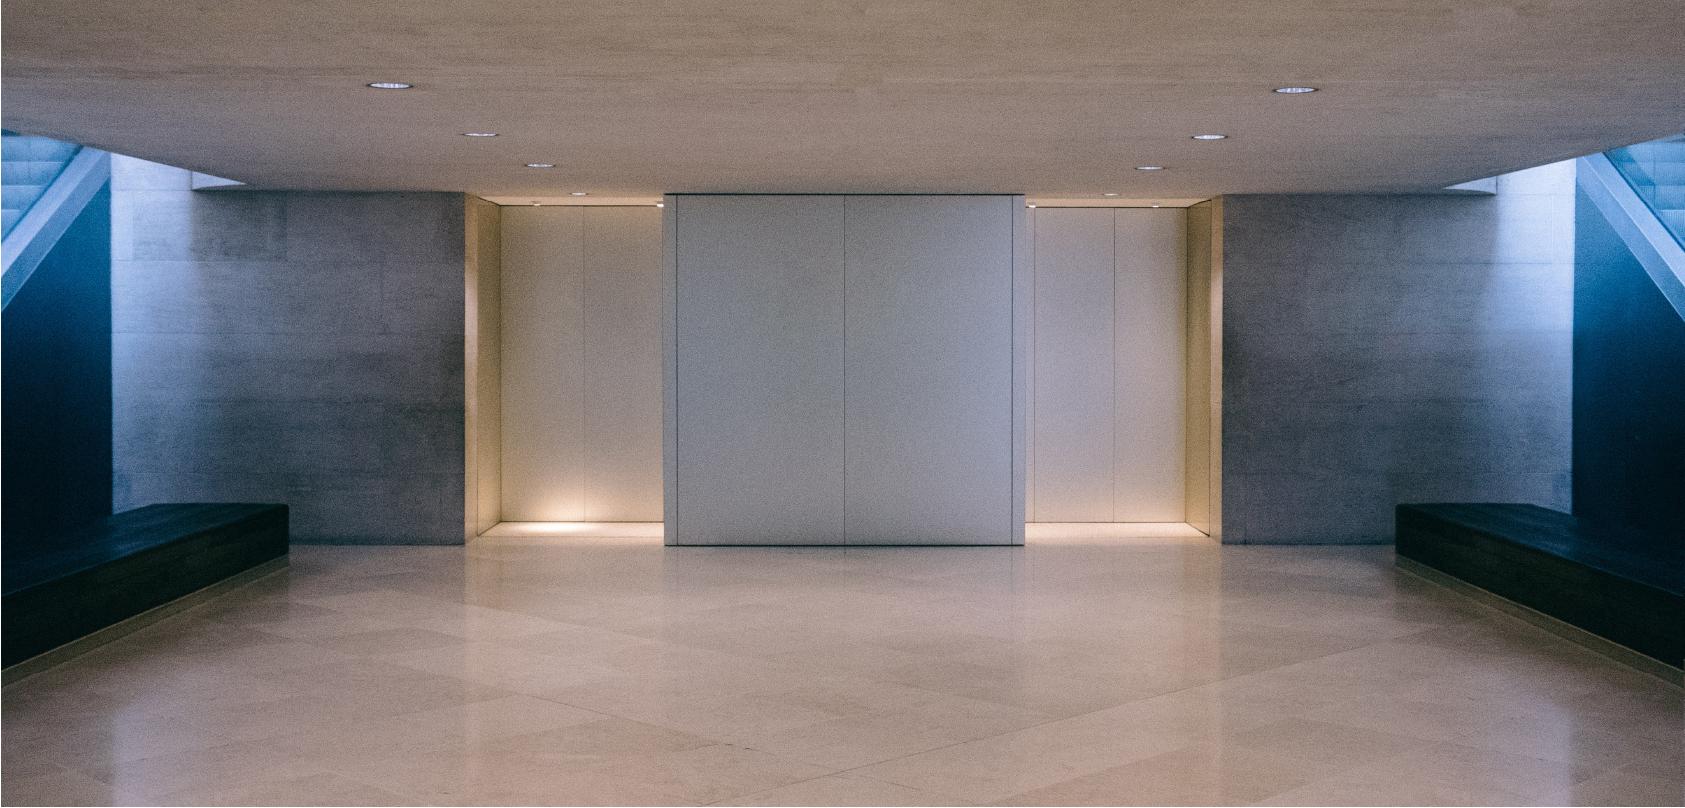 Elevator Interior Design and Cab Configurations